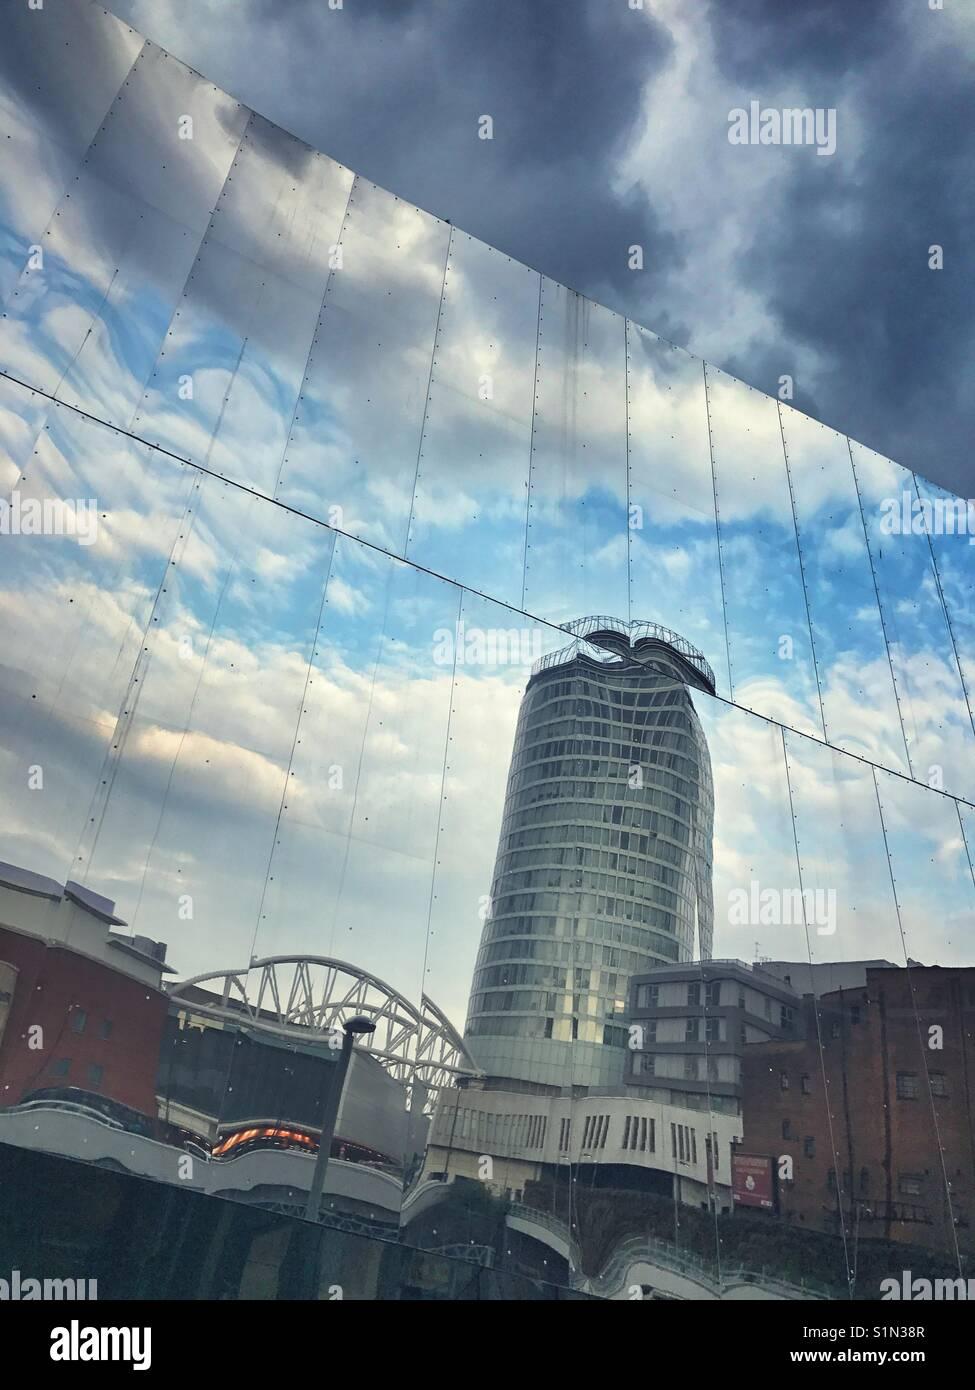 Reflexion der Rotunde, Birmingham, Großbritannien Stockbild